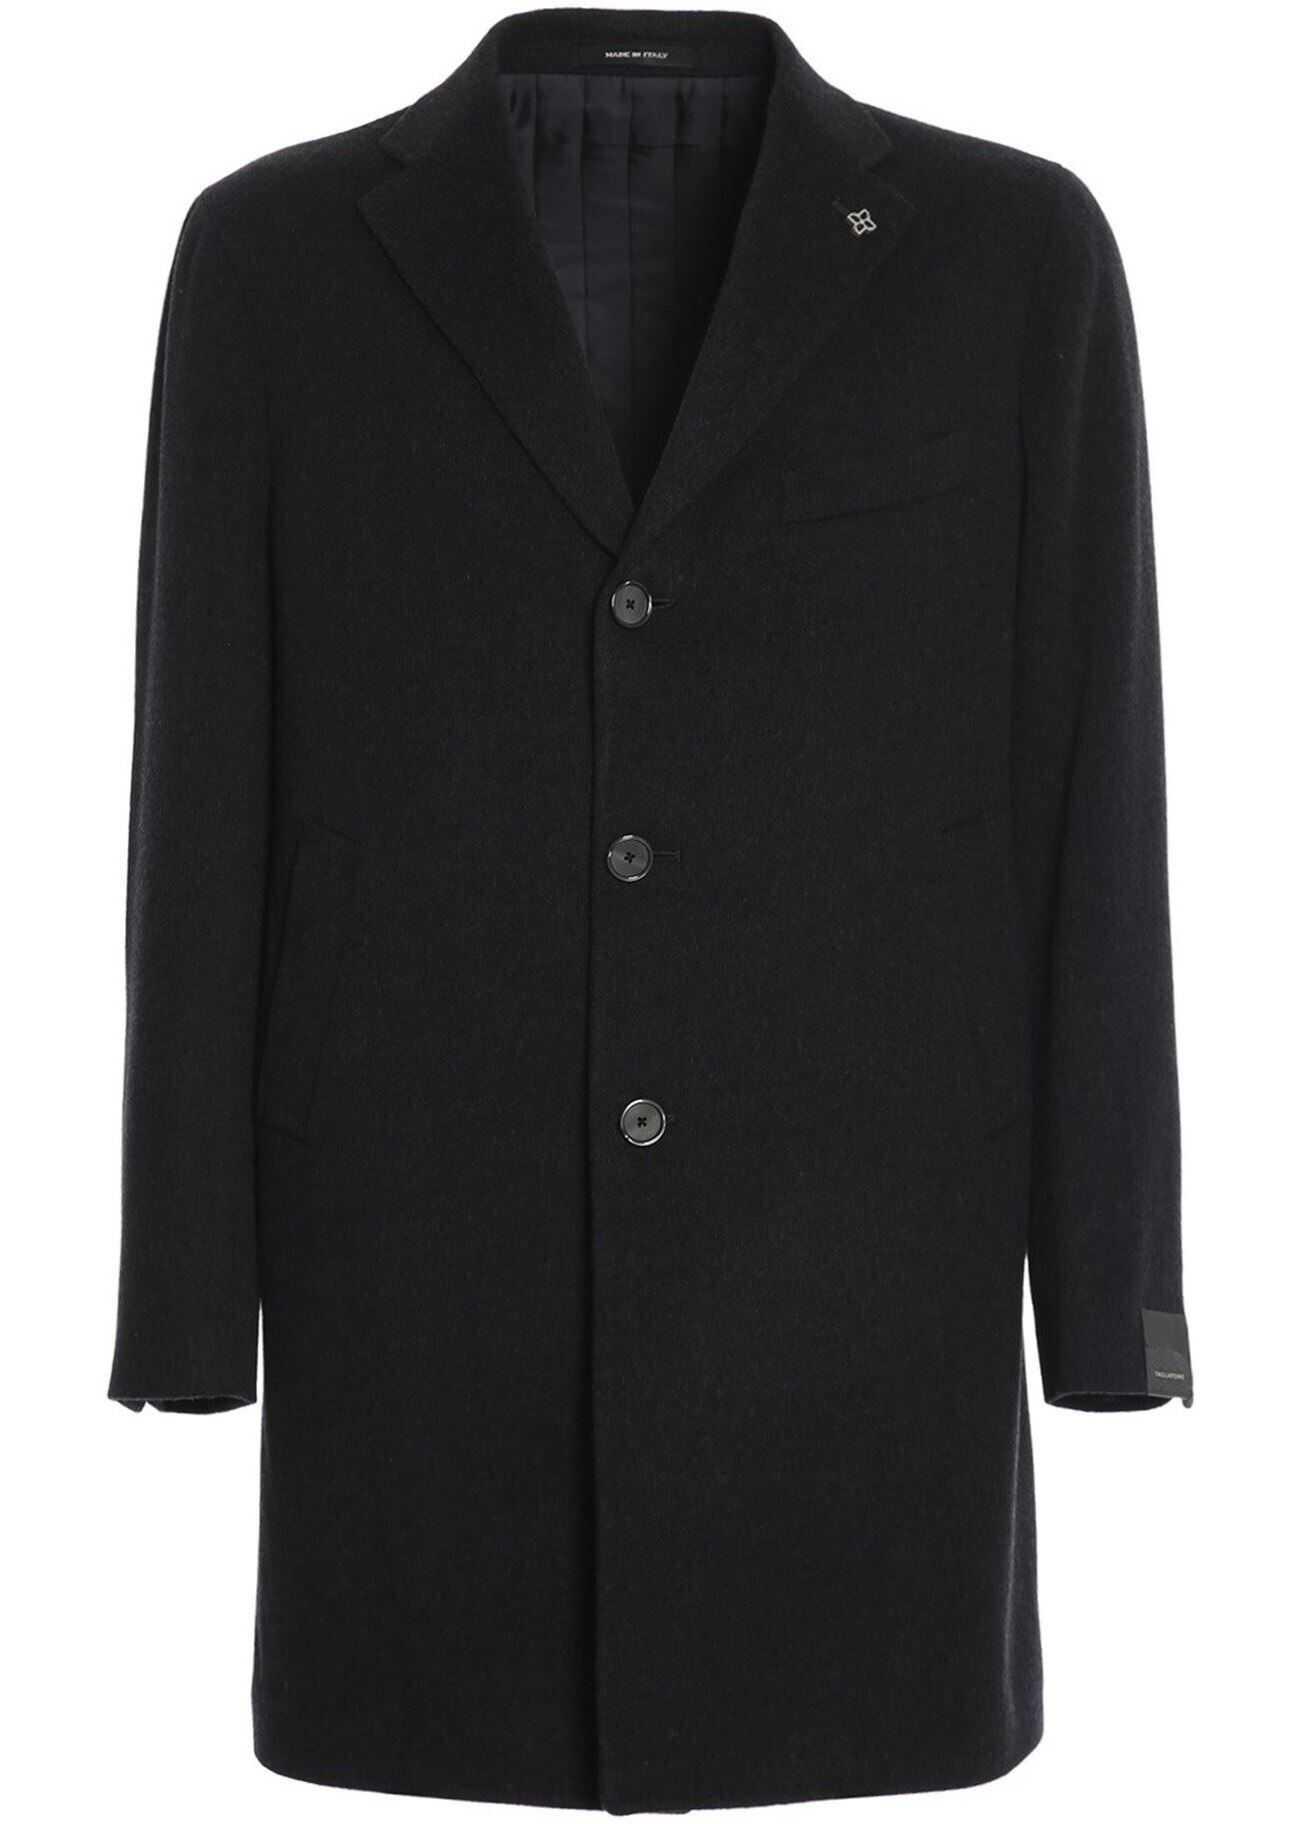 Tagliatore Soft Wool And Cashmere Cloth Coat In Black Grey imagine